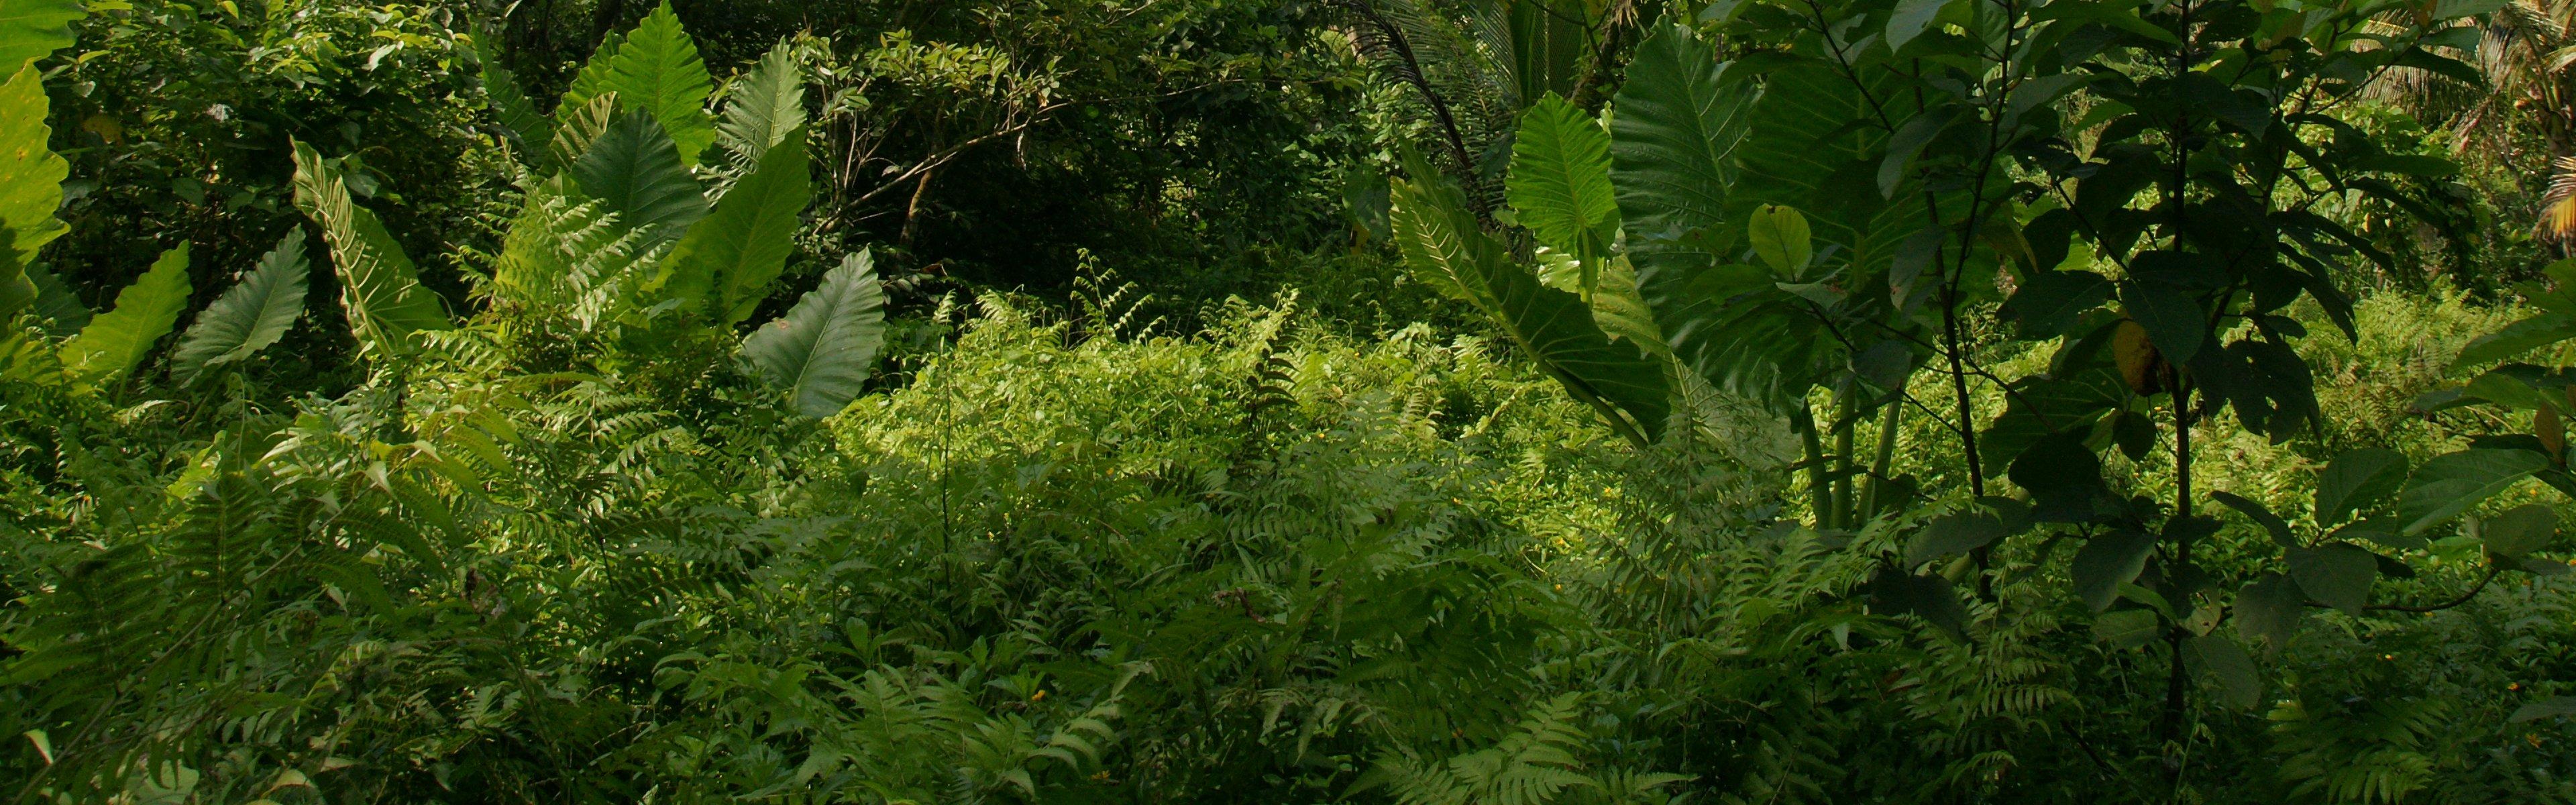 Dschungel Hintergrund